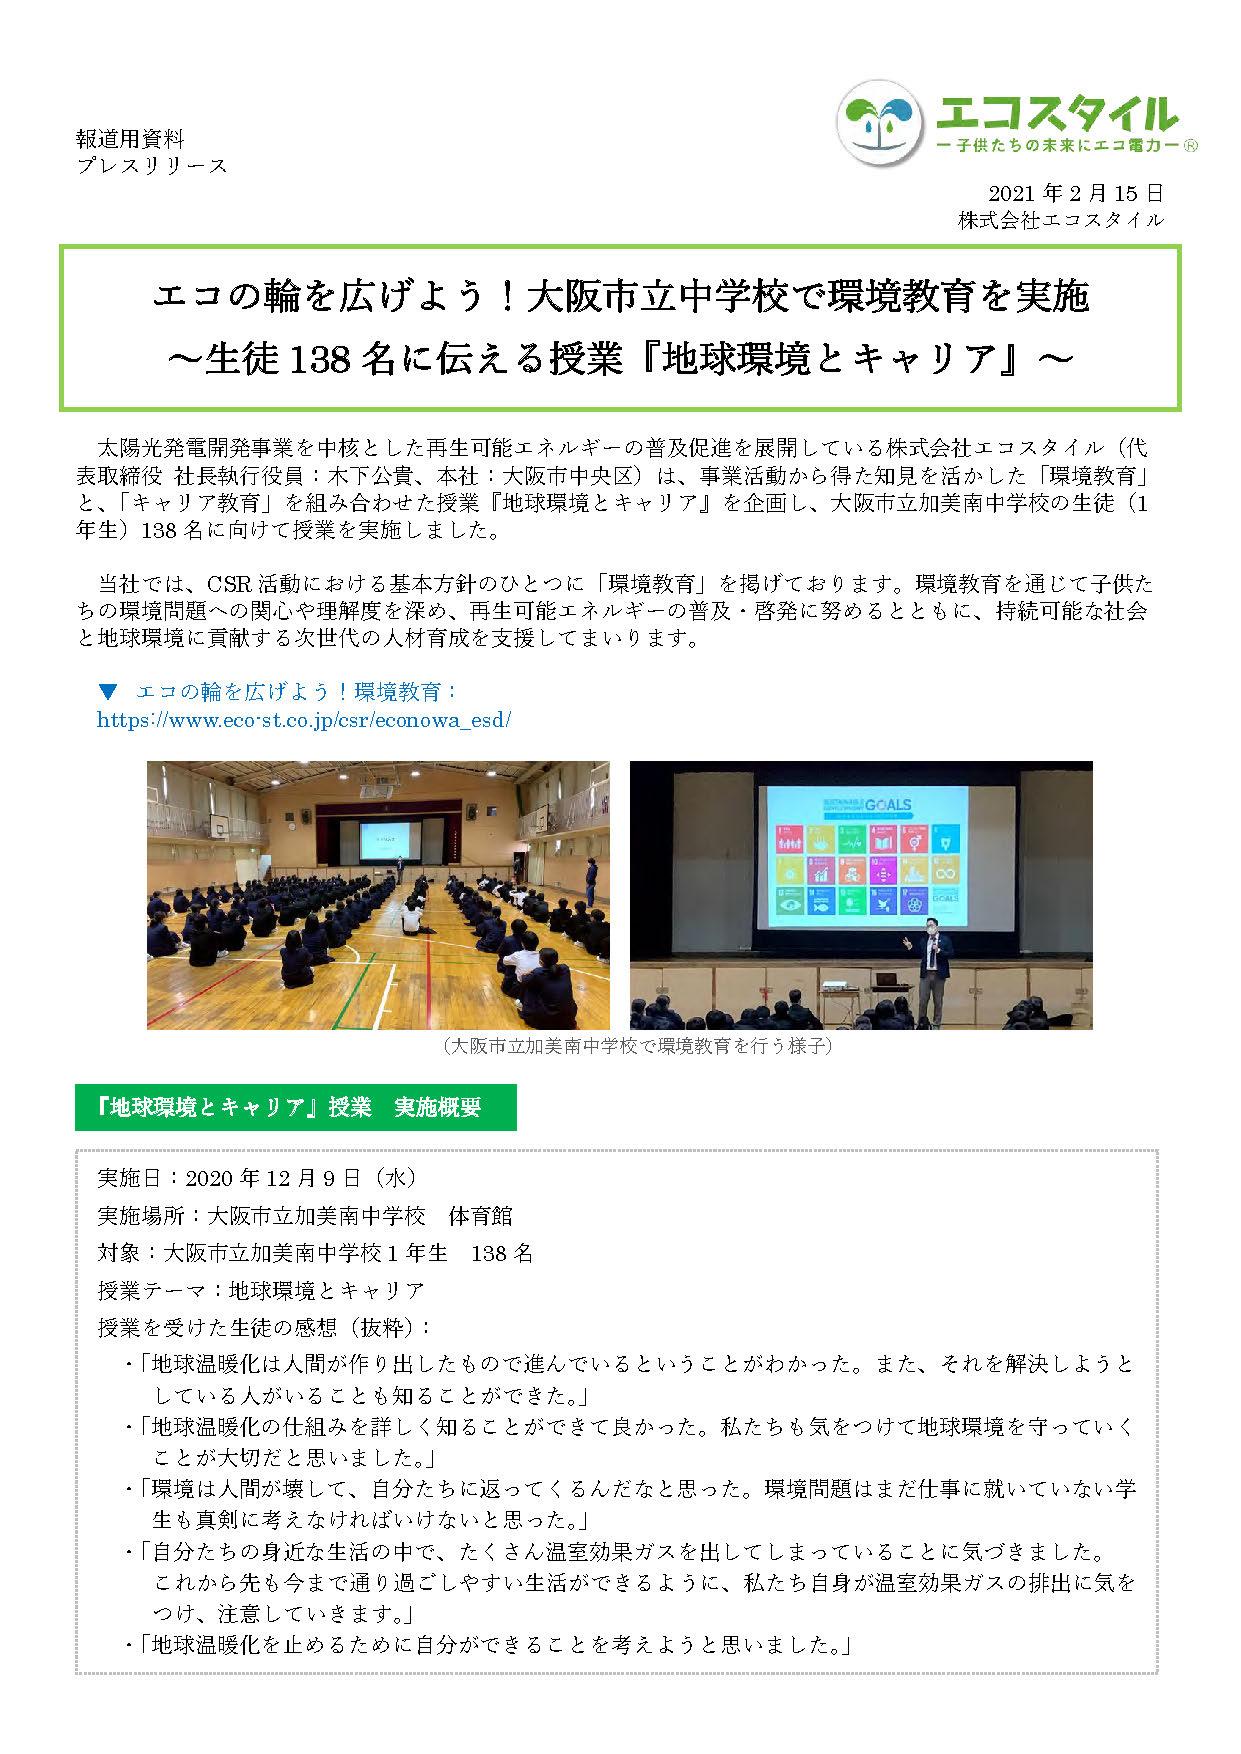 エコの輪を広げよう!大阪市立中学校で環境教育を実施 ~生徒138名に伝える授業『地球環境とキャリア』~